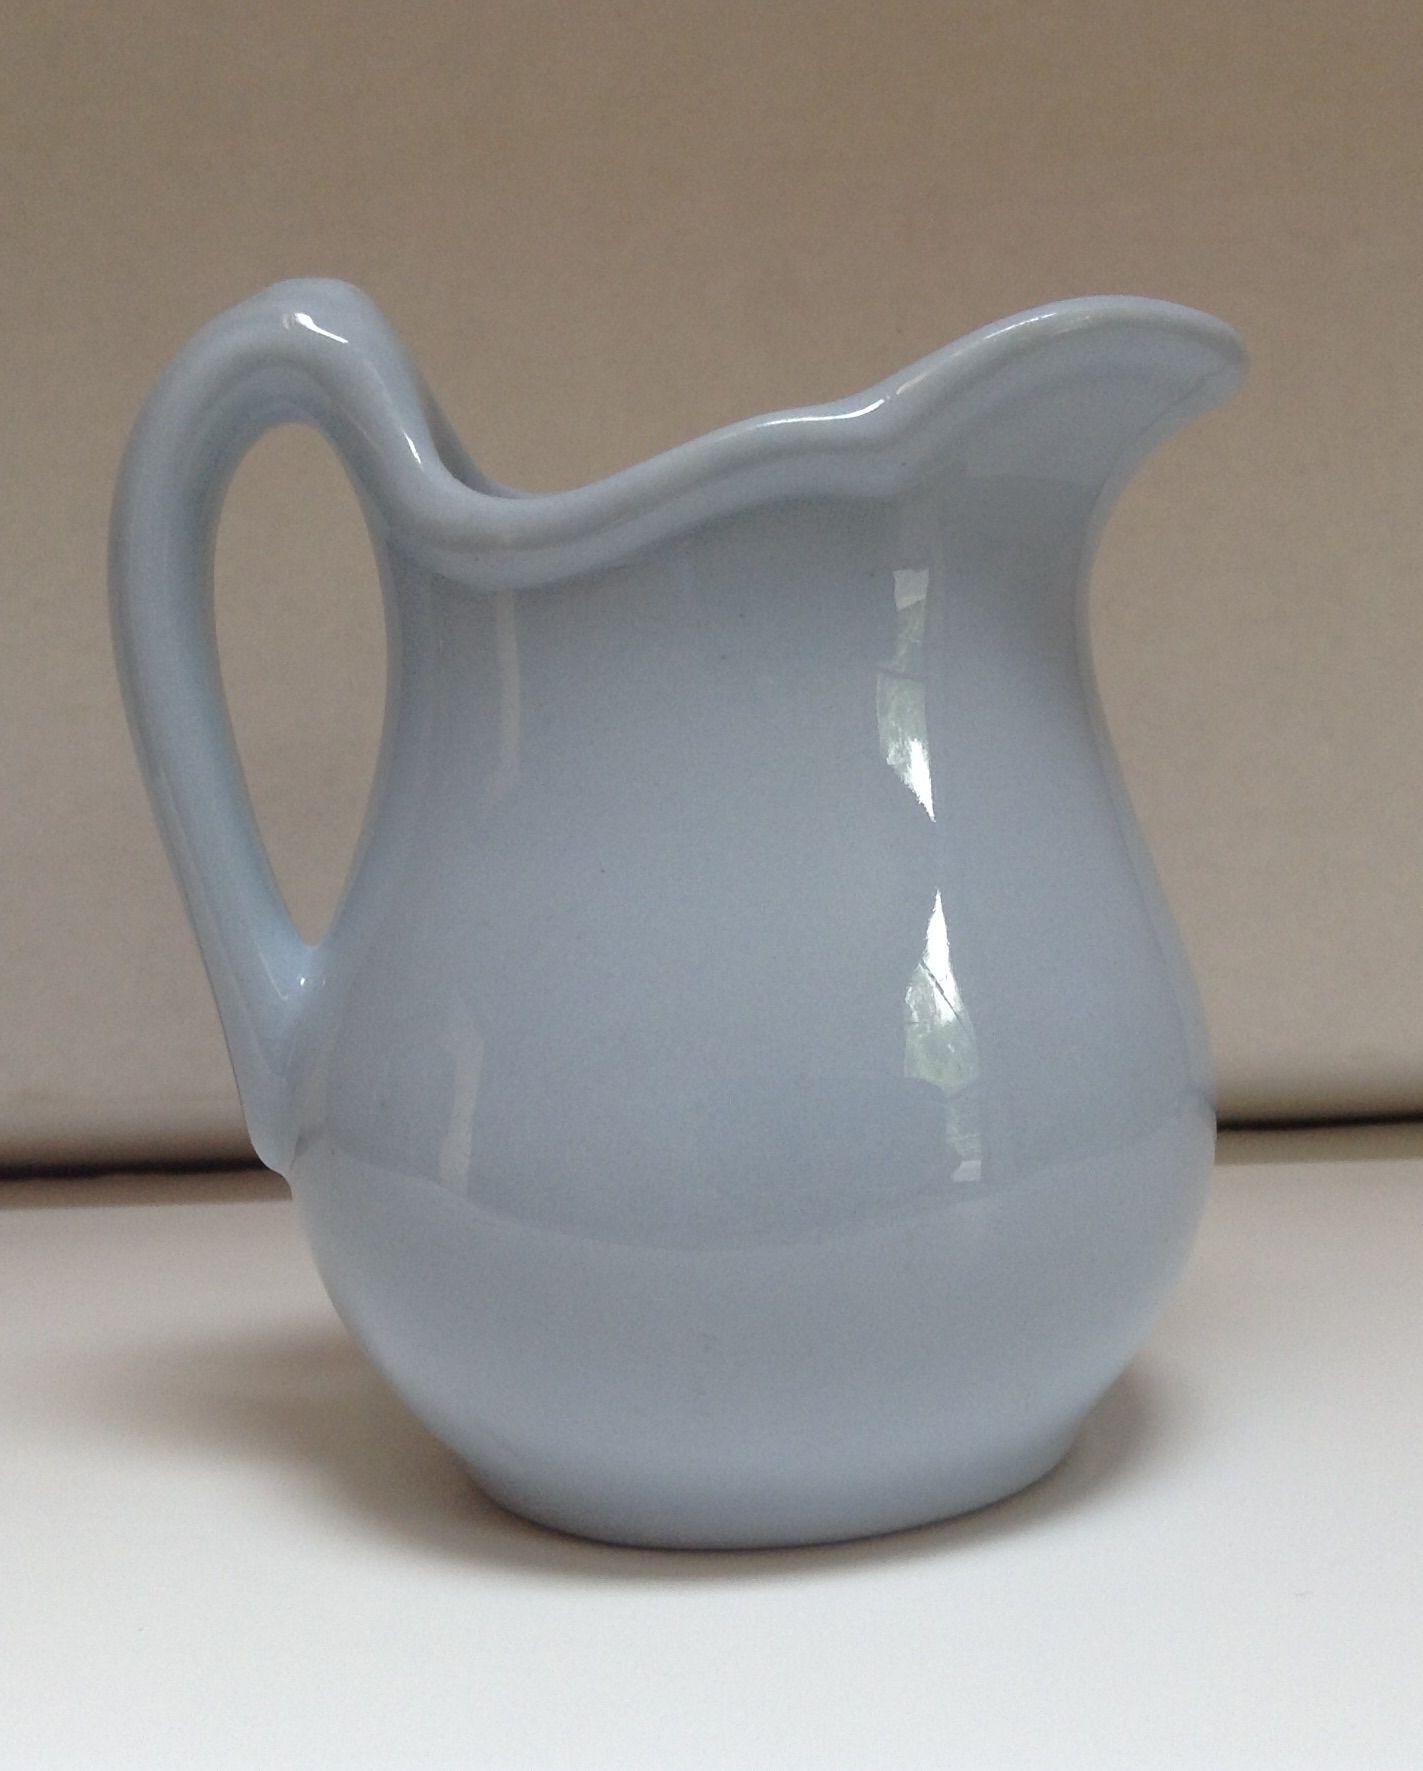 Buffalo China creamer. Made in Buffalo, New York. | Pottery - Made ...